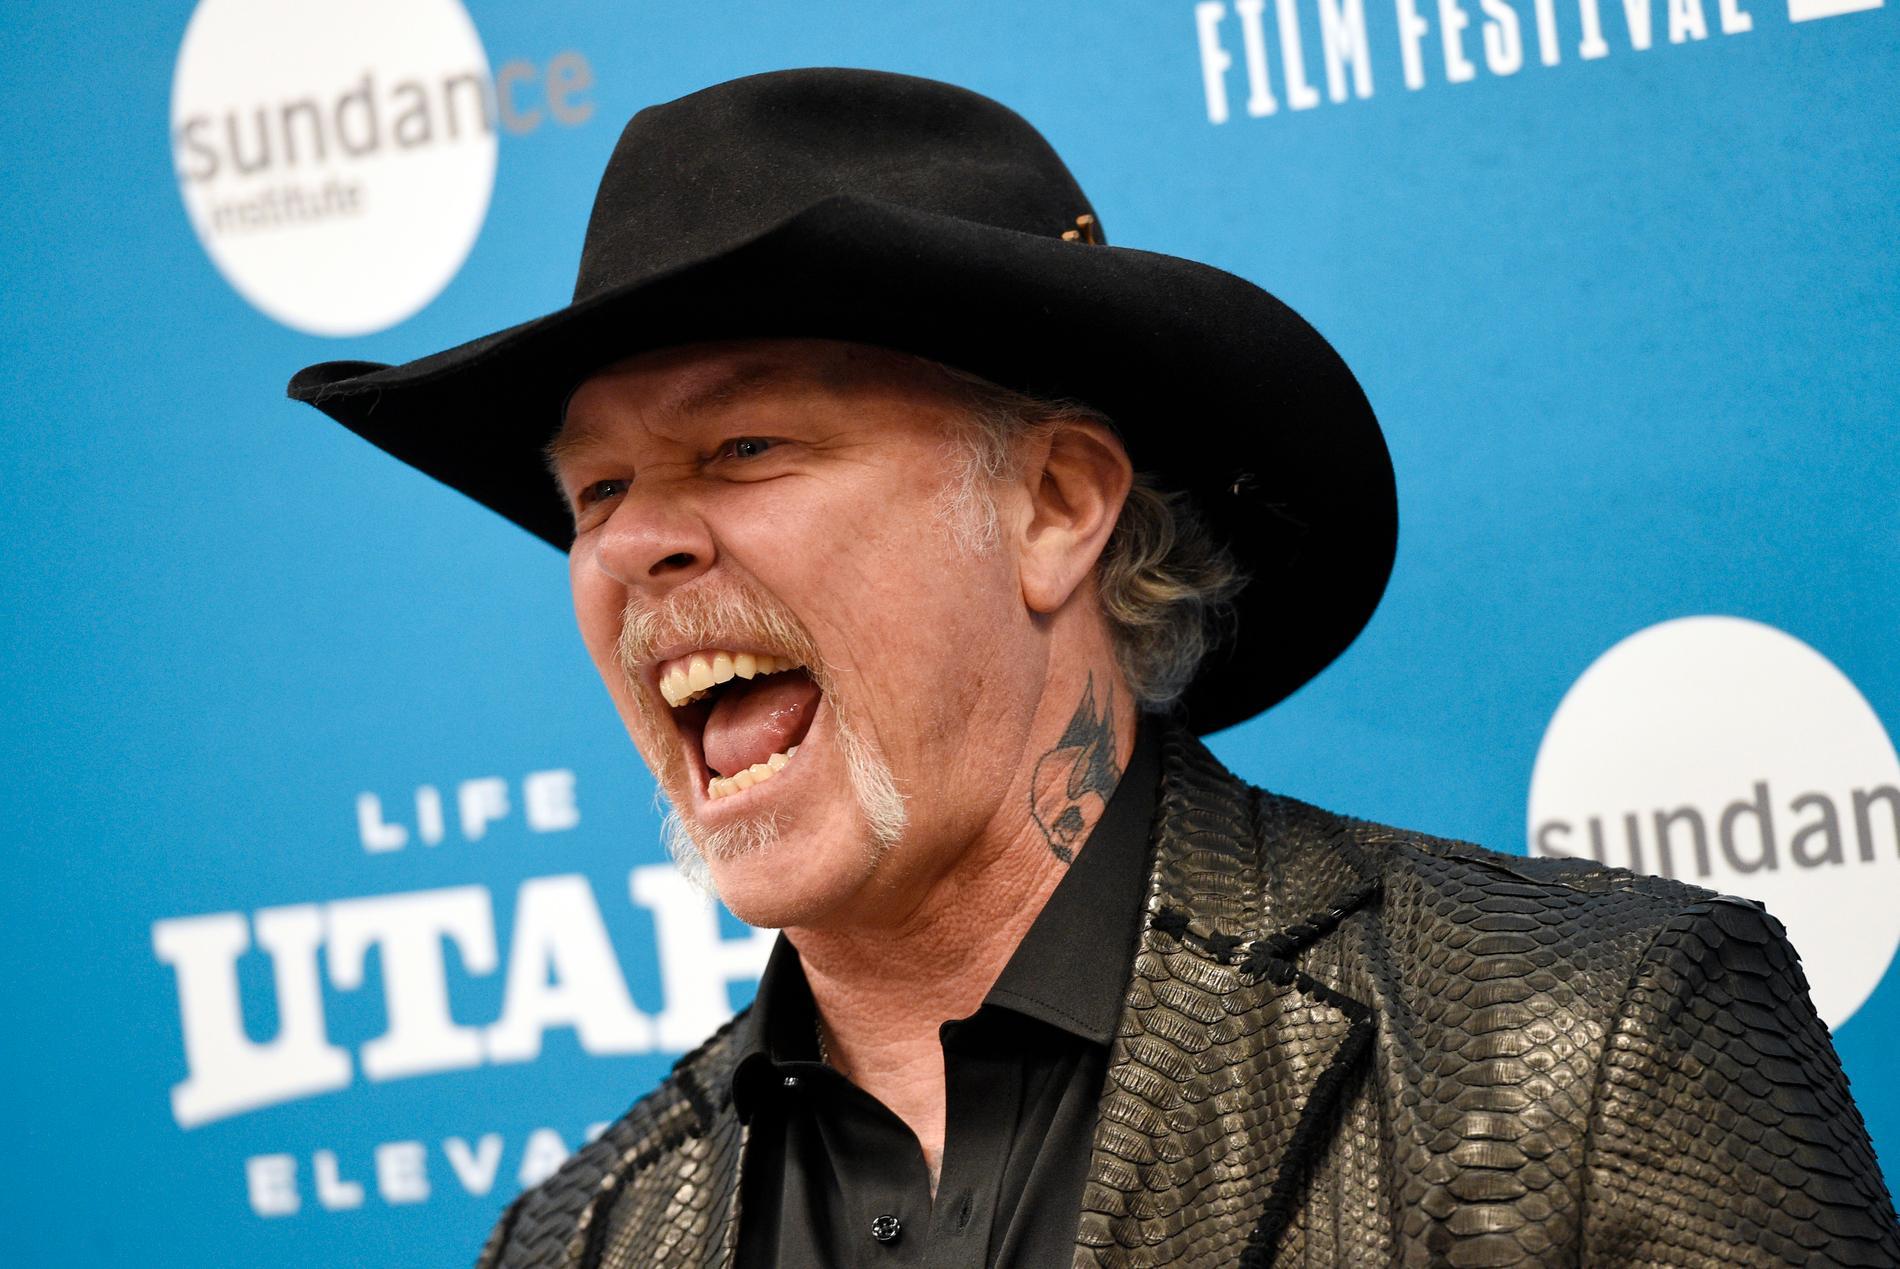 James Hetfield, sångare i Metallica, är inte jättesugen på att vaccinera sig. Arkivbild.